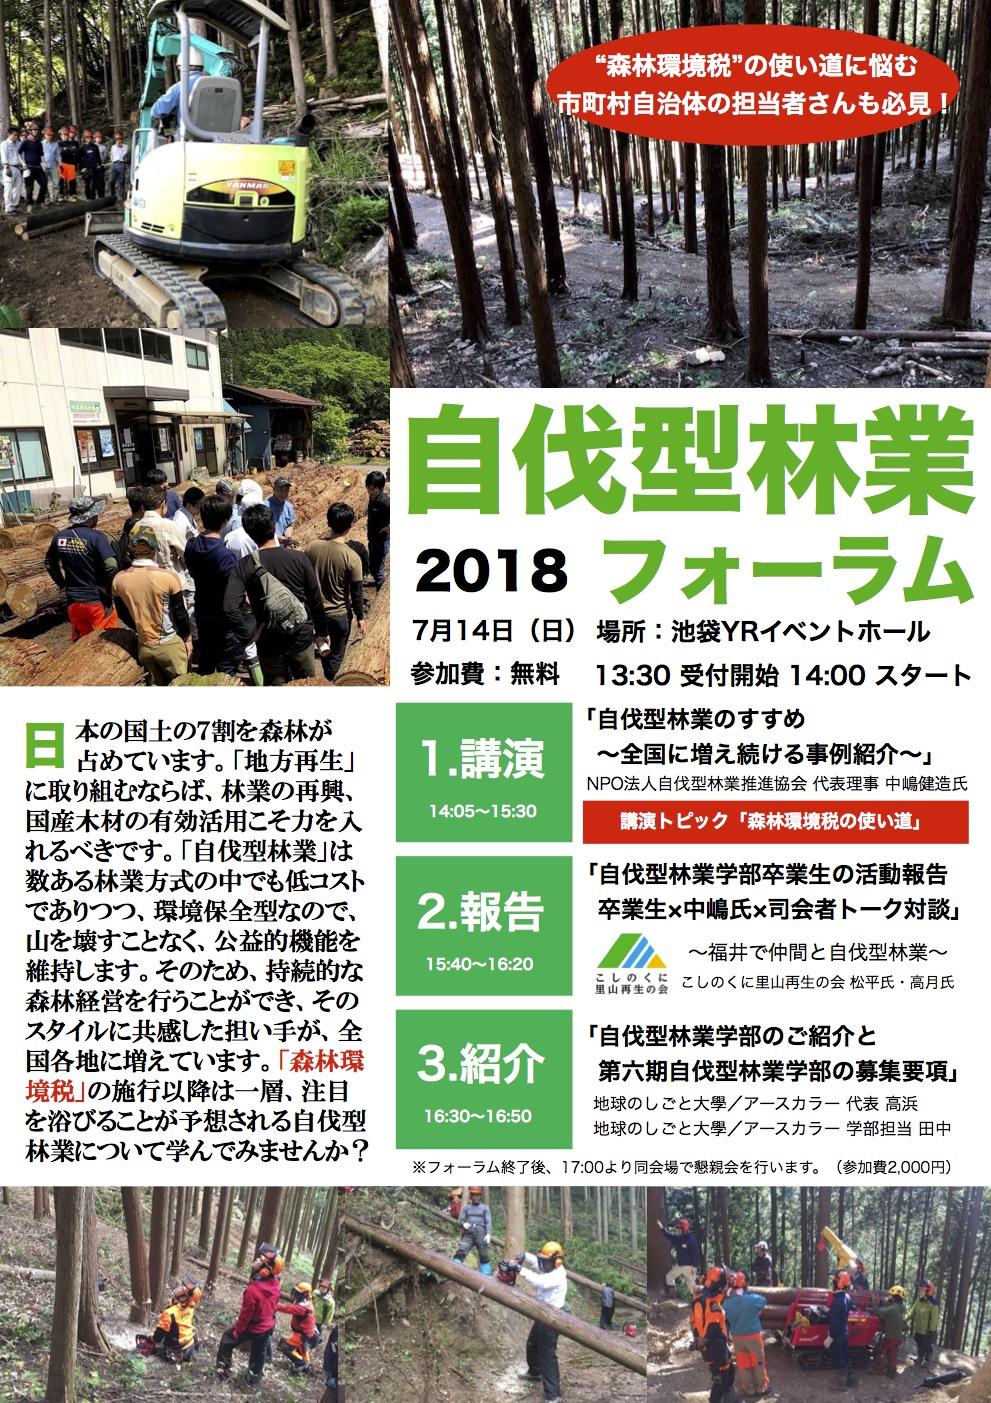 「自伐型林業を学ぼう!」7月14日(土)池袋にて自伐型林業フォーラム2018を開催!